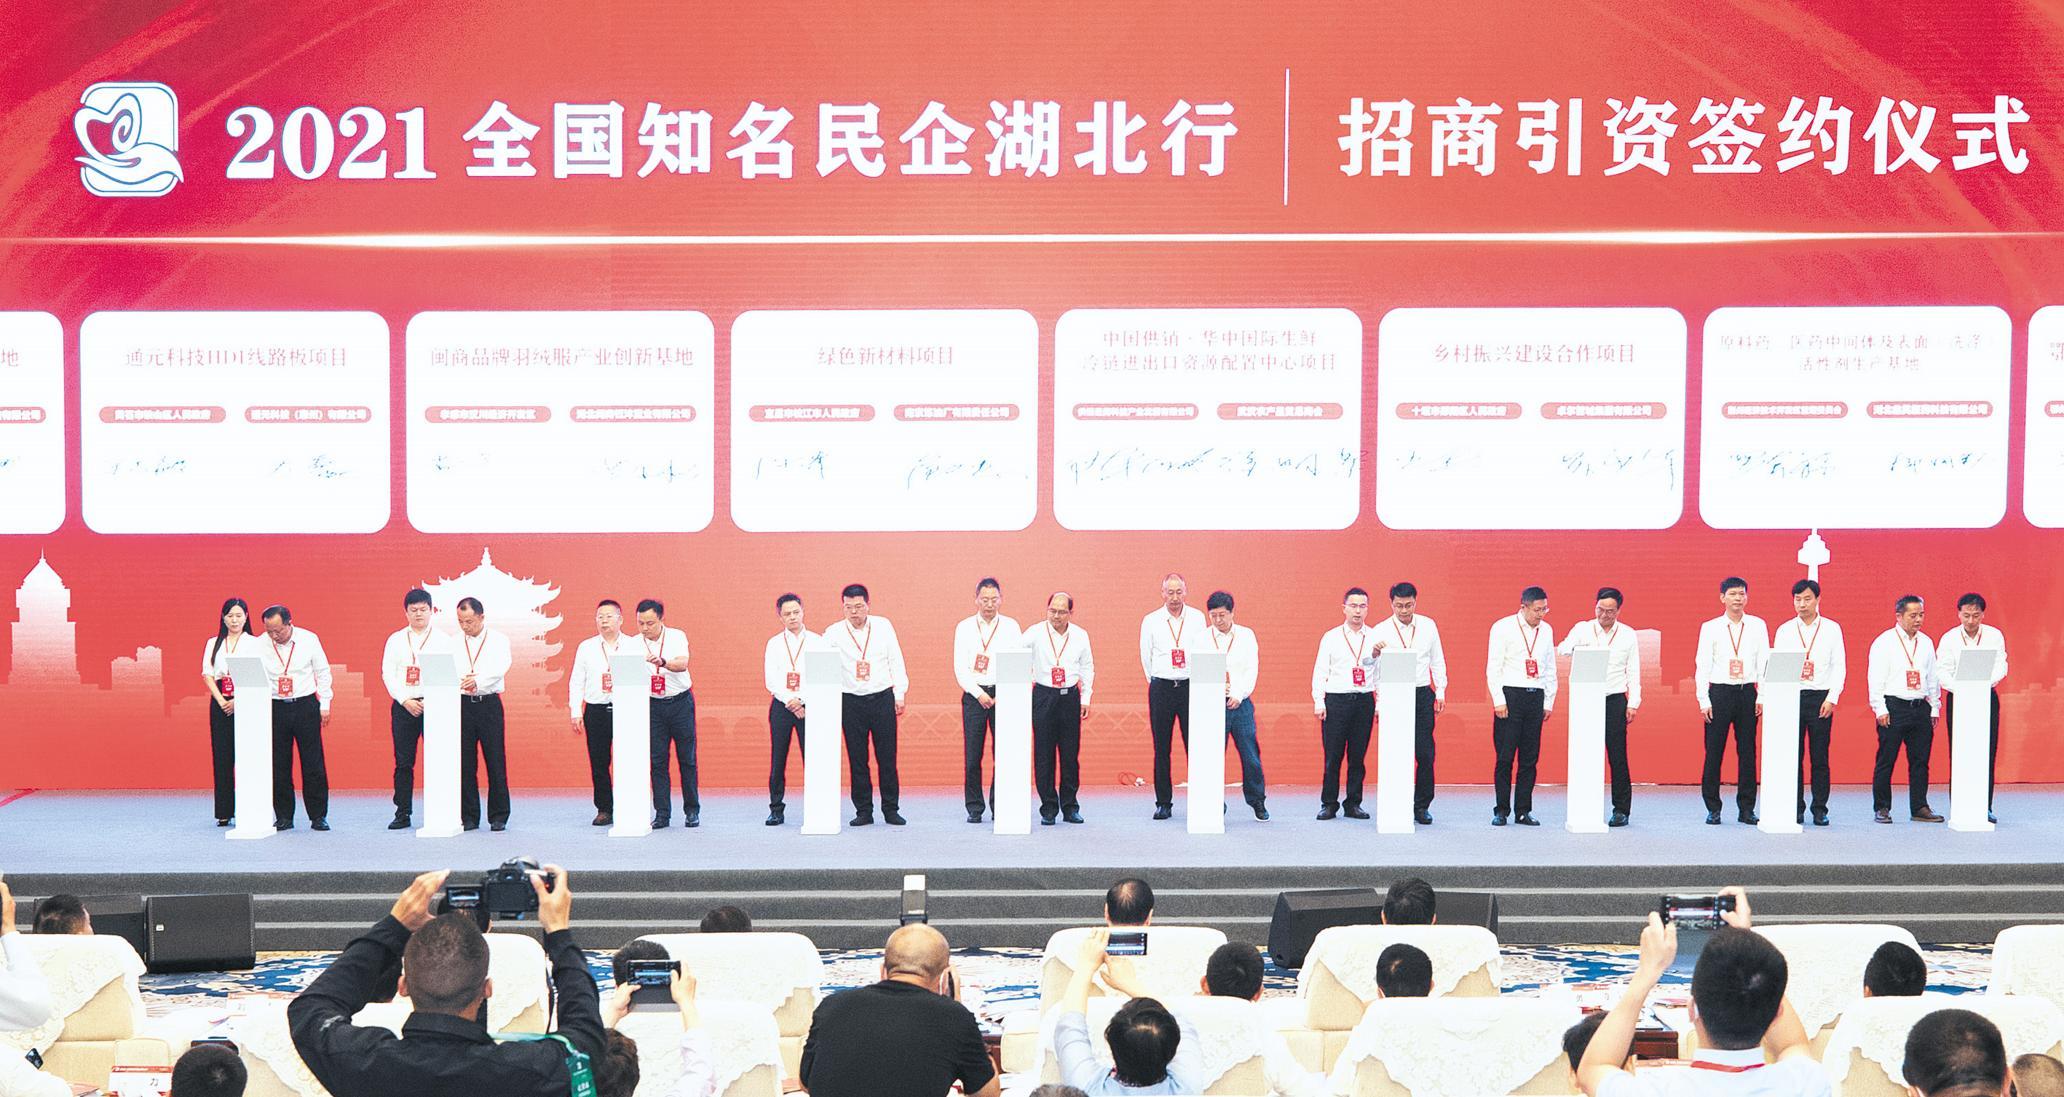 7月8日,活动现场举行招商引资签约仪式。 (湖北日报全媒记者 柯皓 摄)